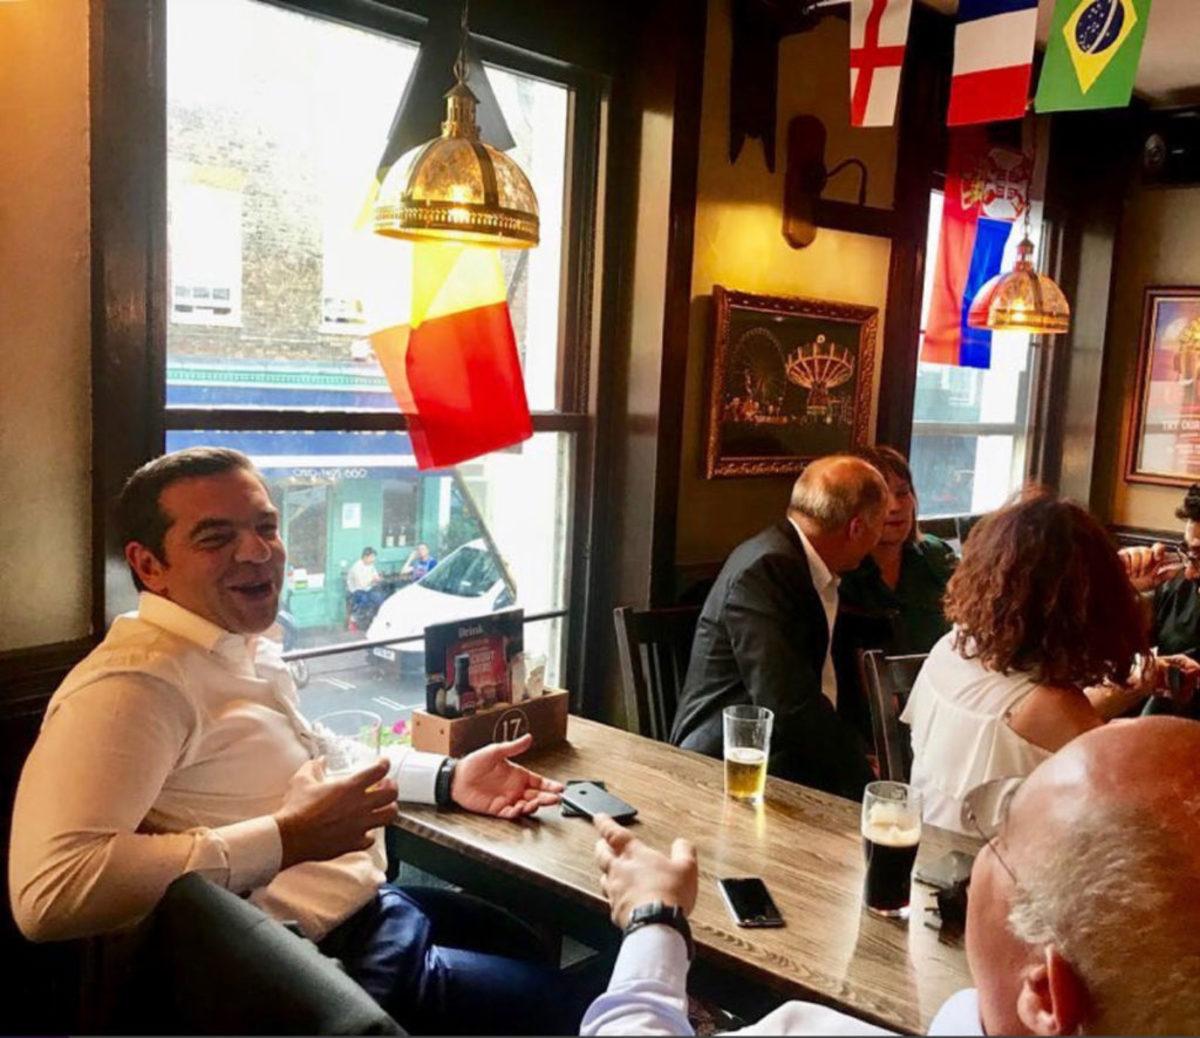 Για μπαλίτσα και μπυρίτσα ο Αλέξης Τσίπρας στο Λονδίνο